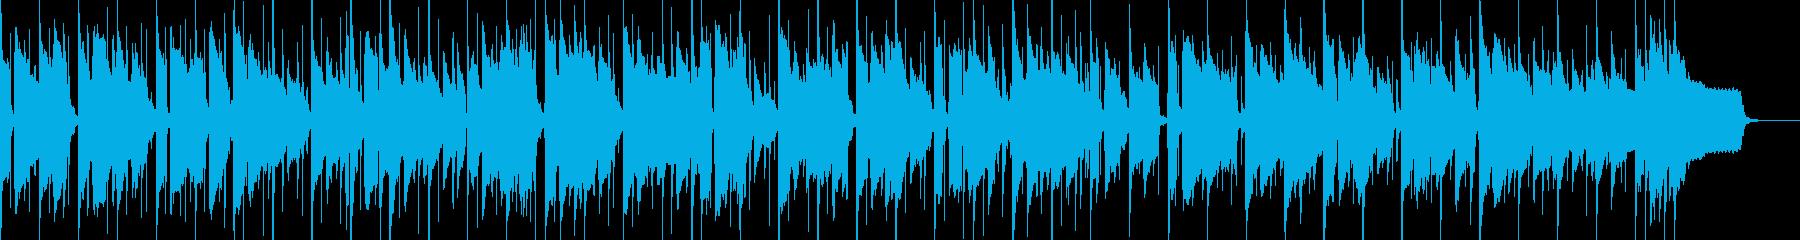 切ないサックスとゆったりした伴奏のポップの再生済みの波形